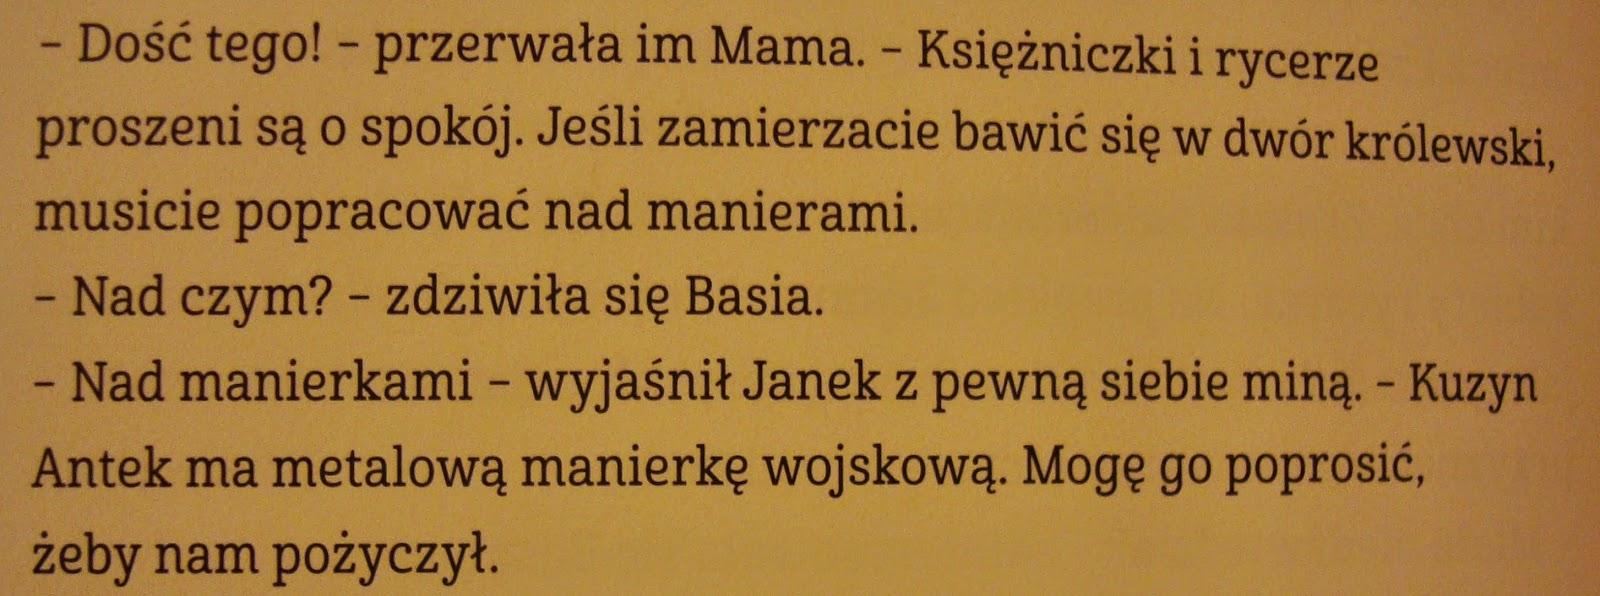 Basia i urodziny w muzeum, Stanecka, recenzja, Egmont, Muzeum Narodowe